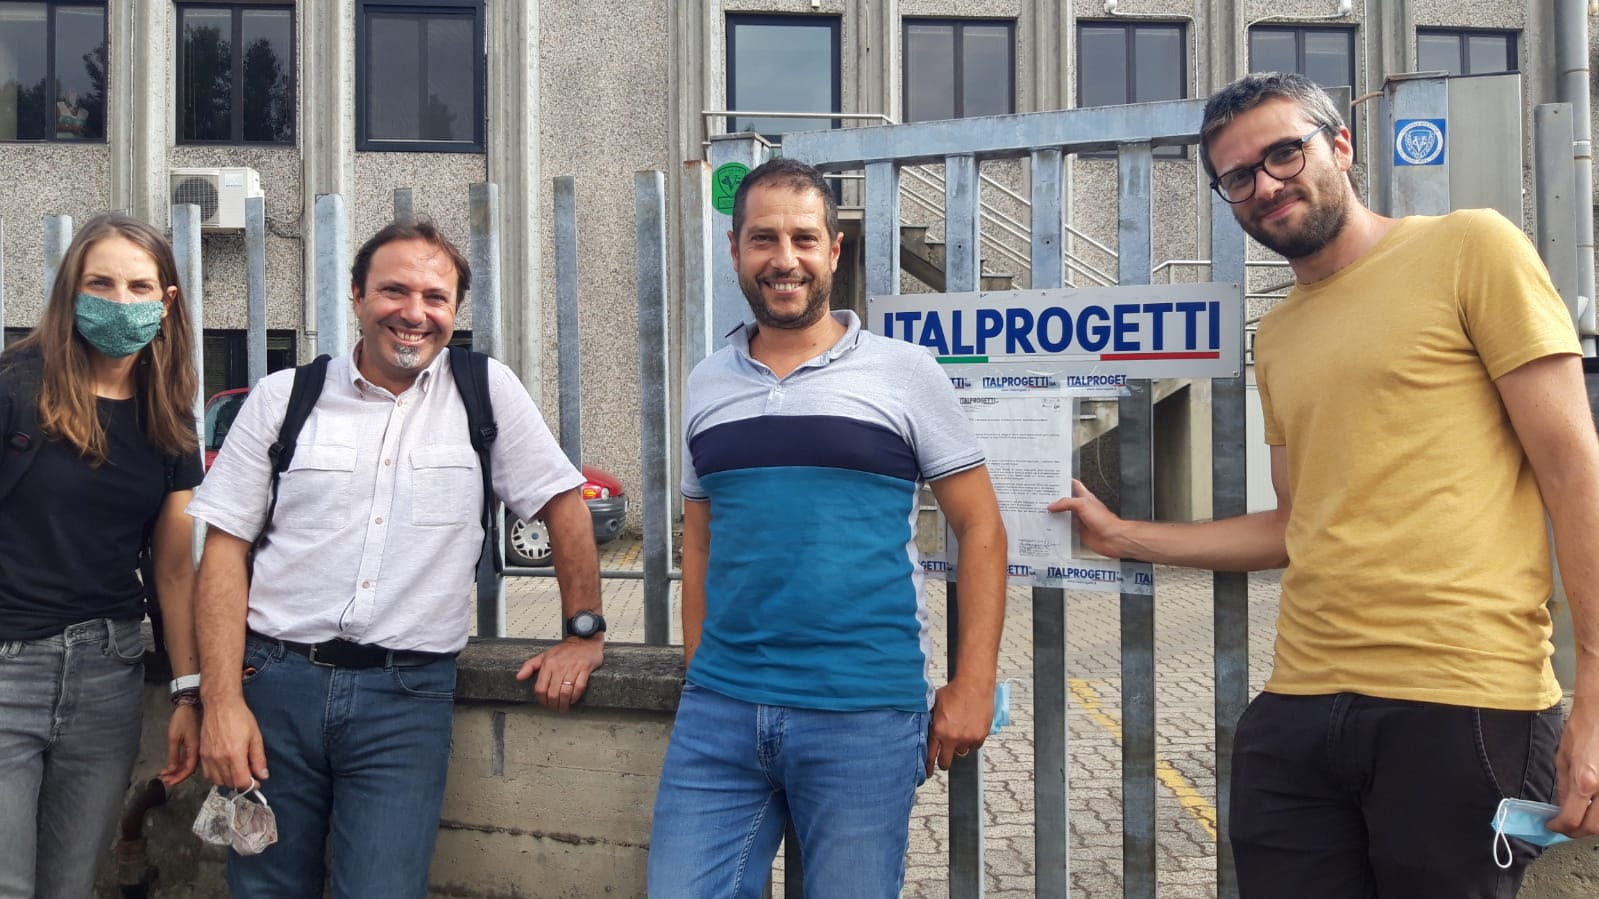 Two ongoing secondments from Universitat Autònoma de Barcelona to Italprogetti Spa